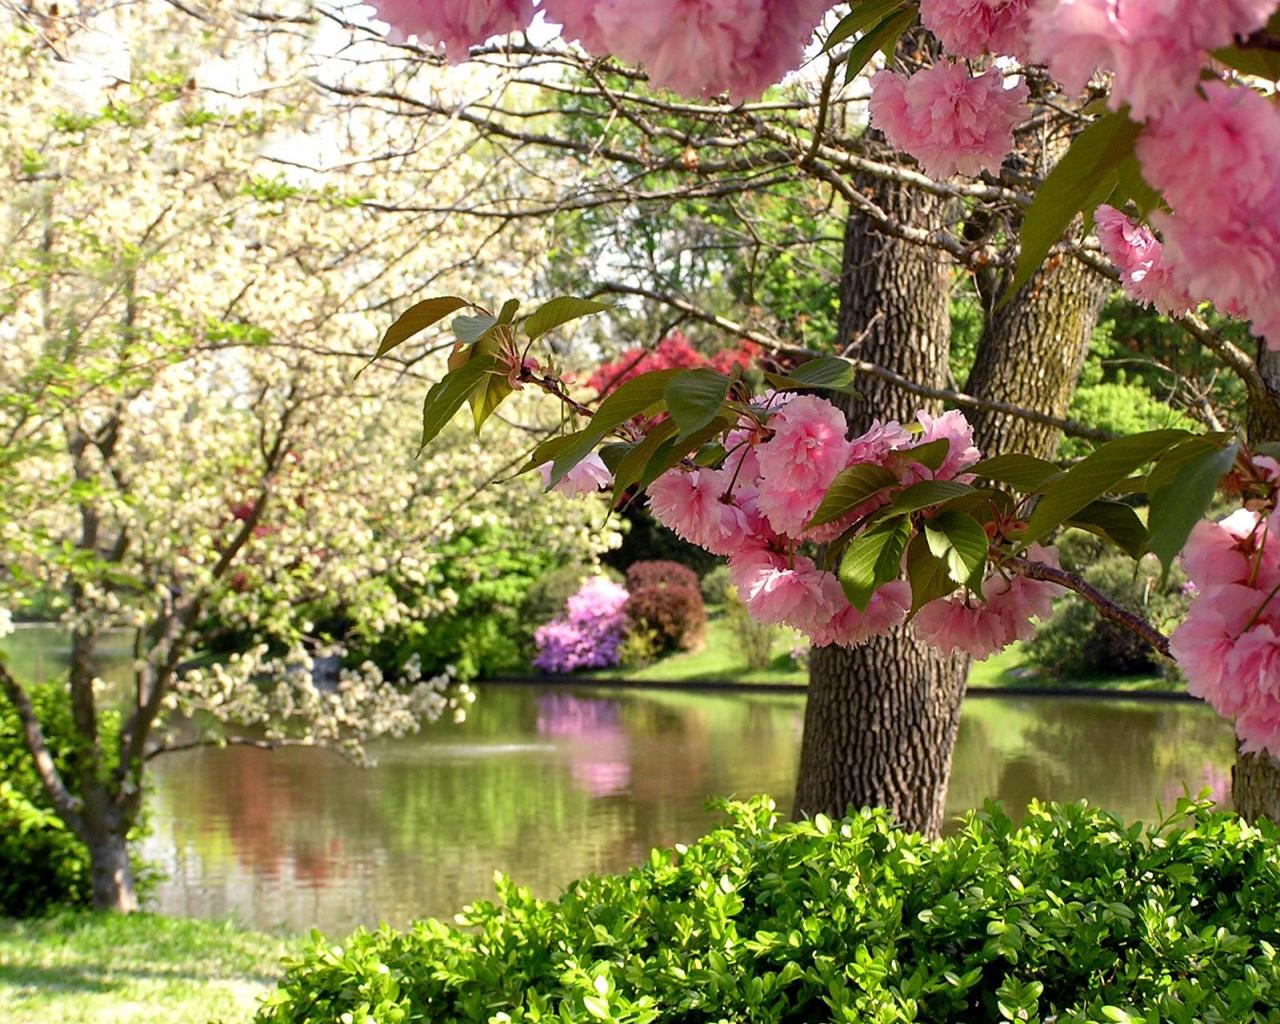 Sfondi primavera hd natura sfondi hd gratis for Immagini gratis per desktop primavera